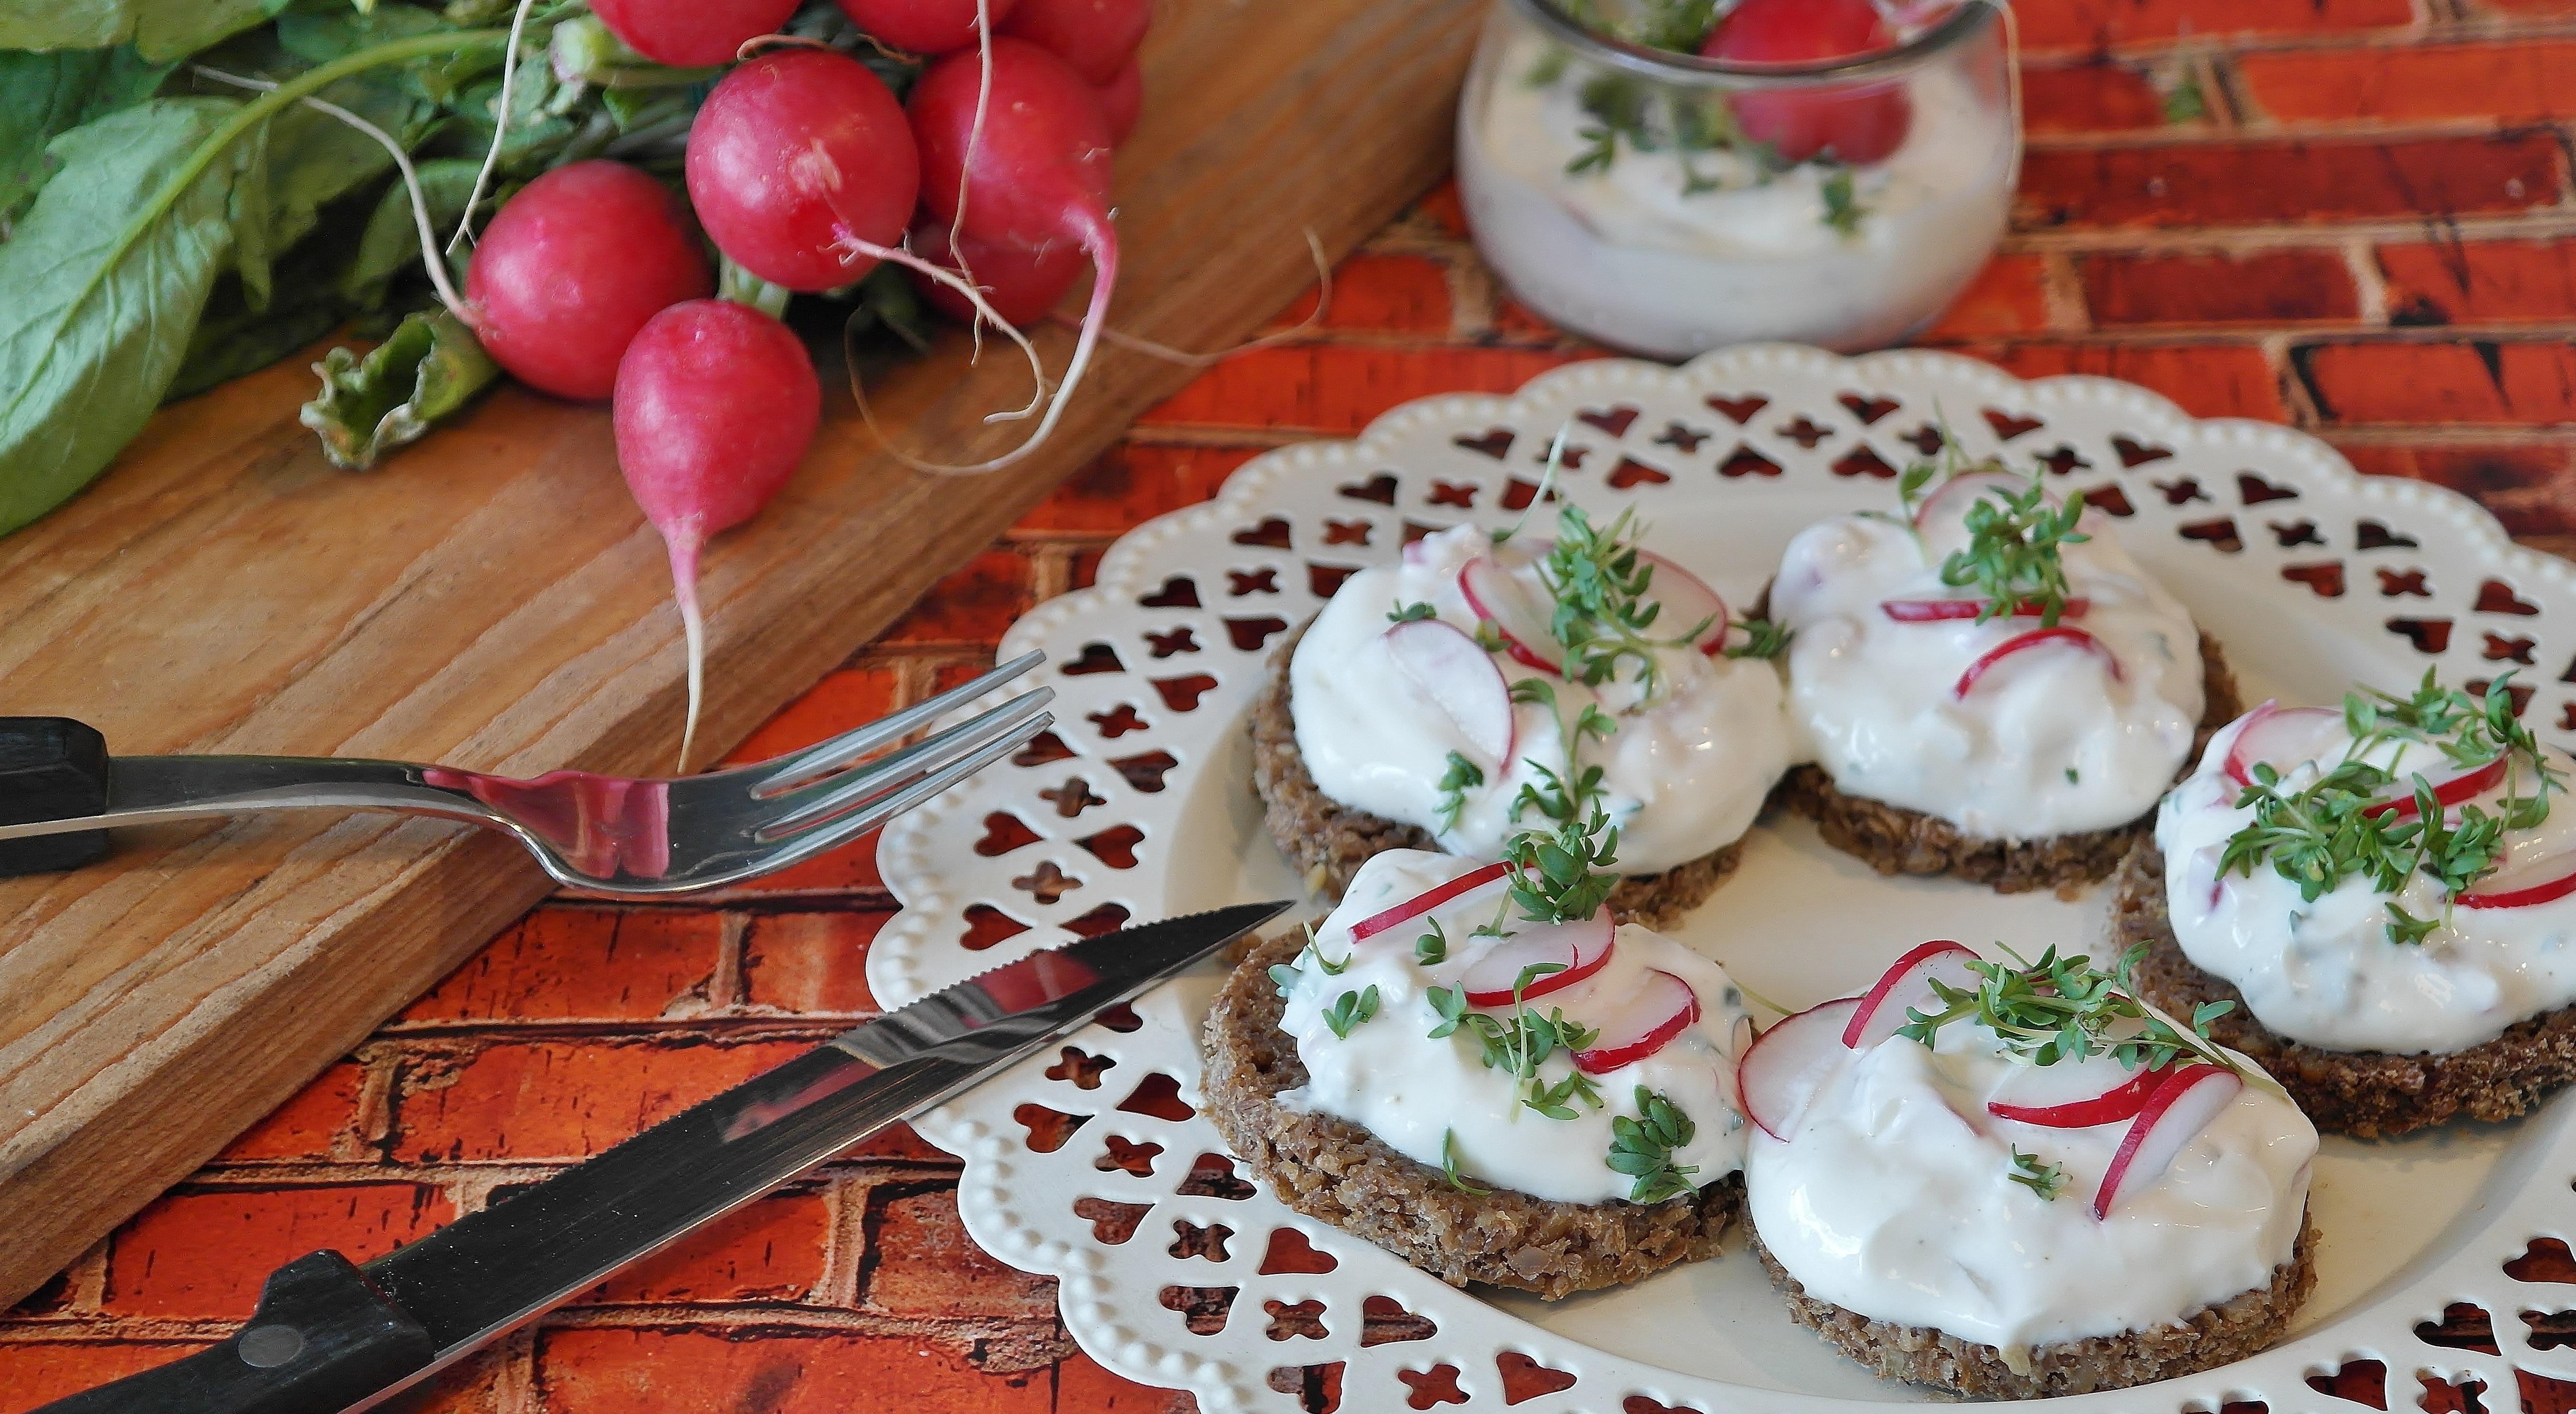 Fotos gratis : Fruta, decoración, plato, comida, Mediterráneo ...